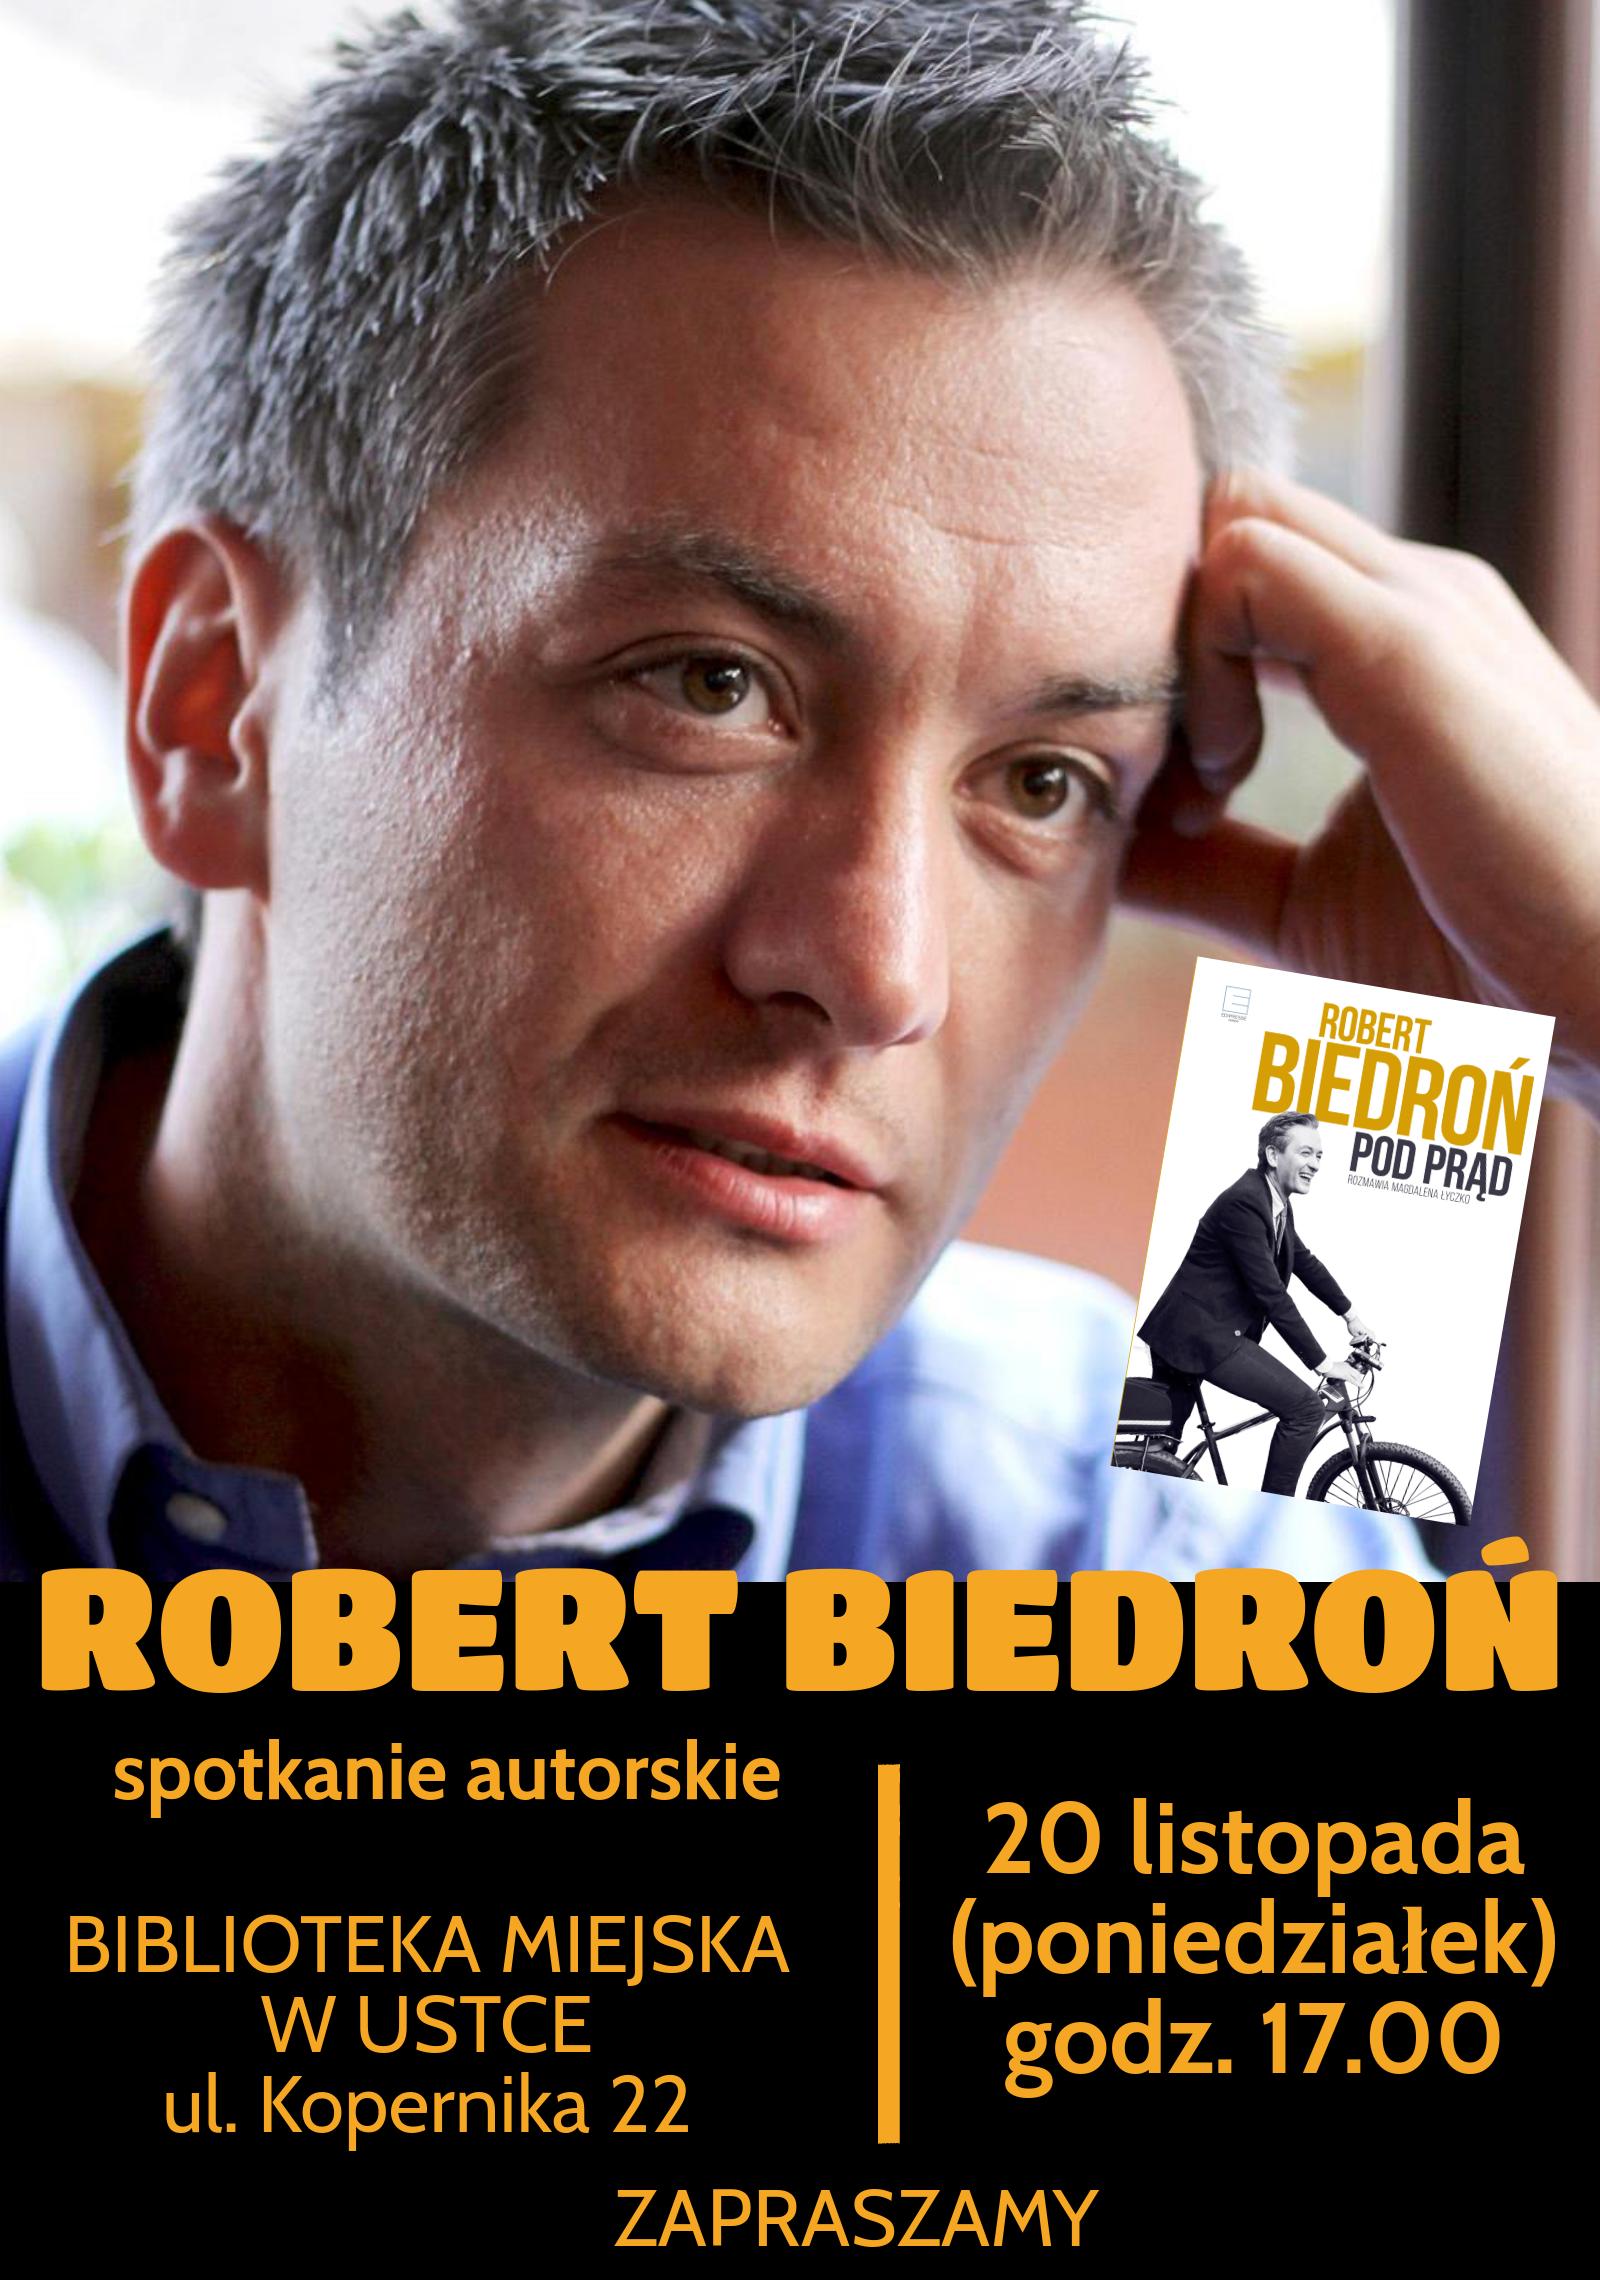 Robert Biedroń - spotkanie autorskie plakat